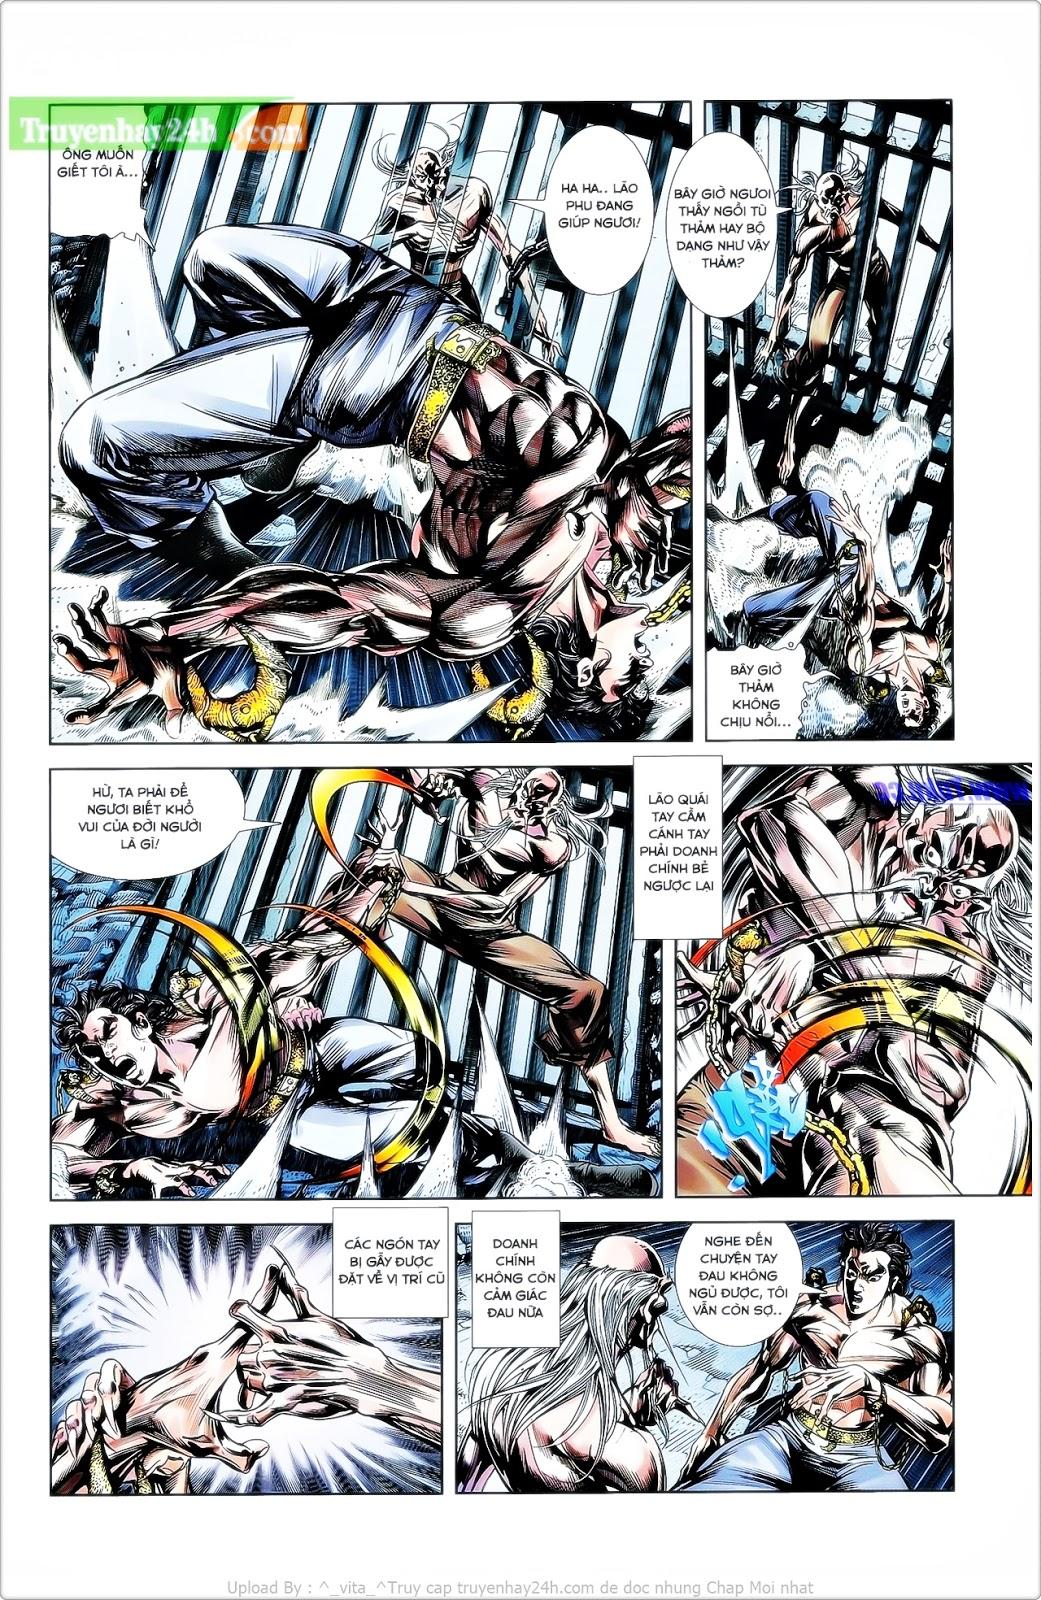 Tần Vương Doanh Chính chapter 25 trang 9